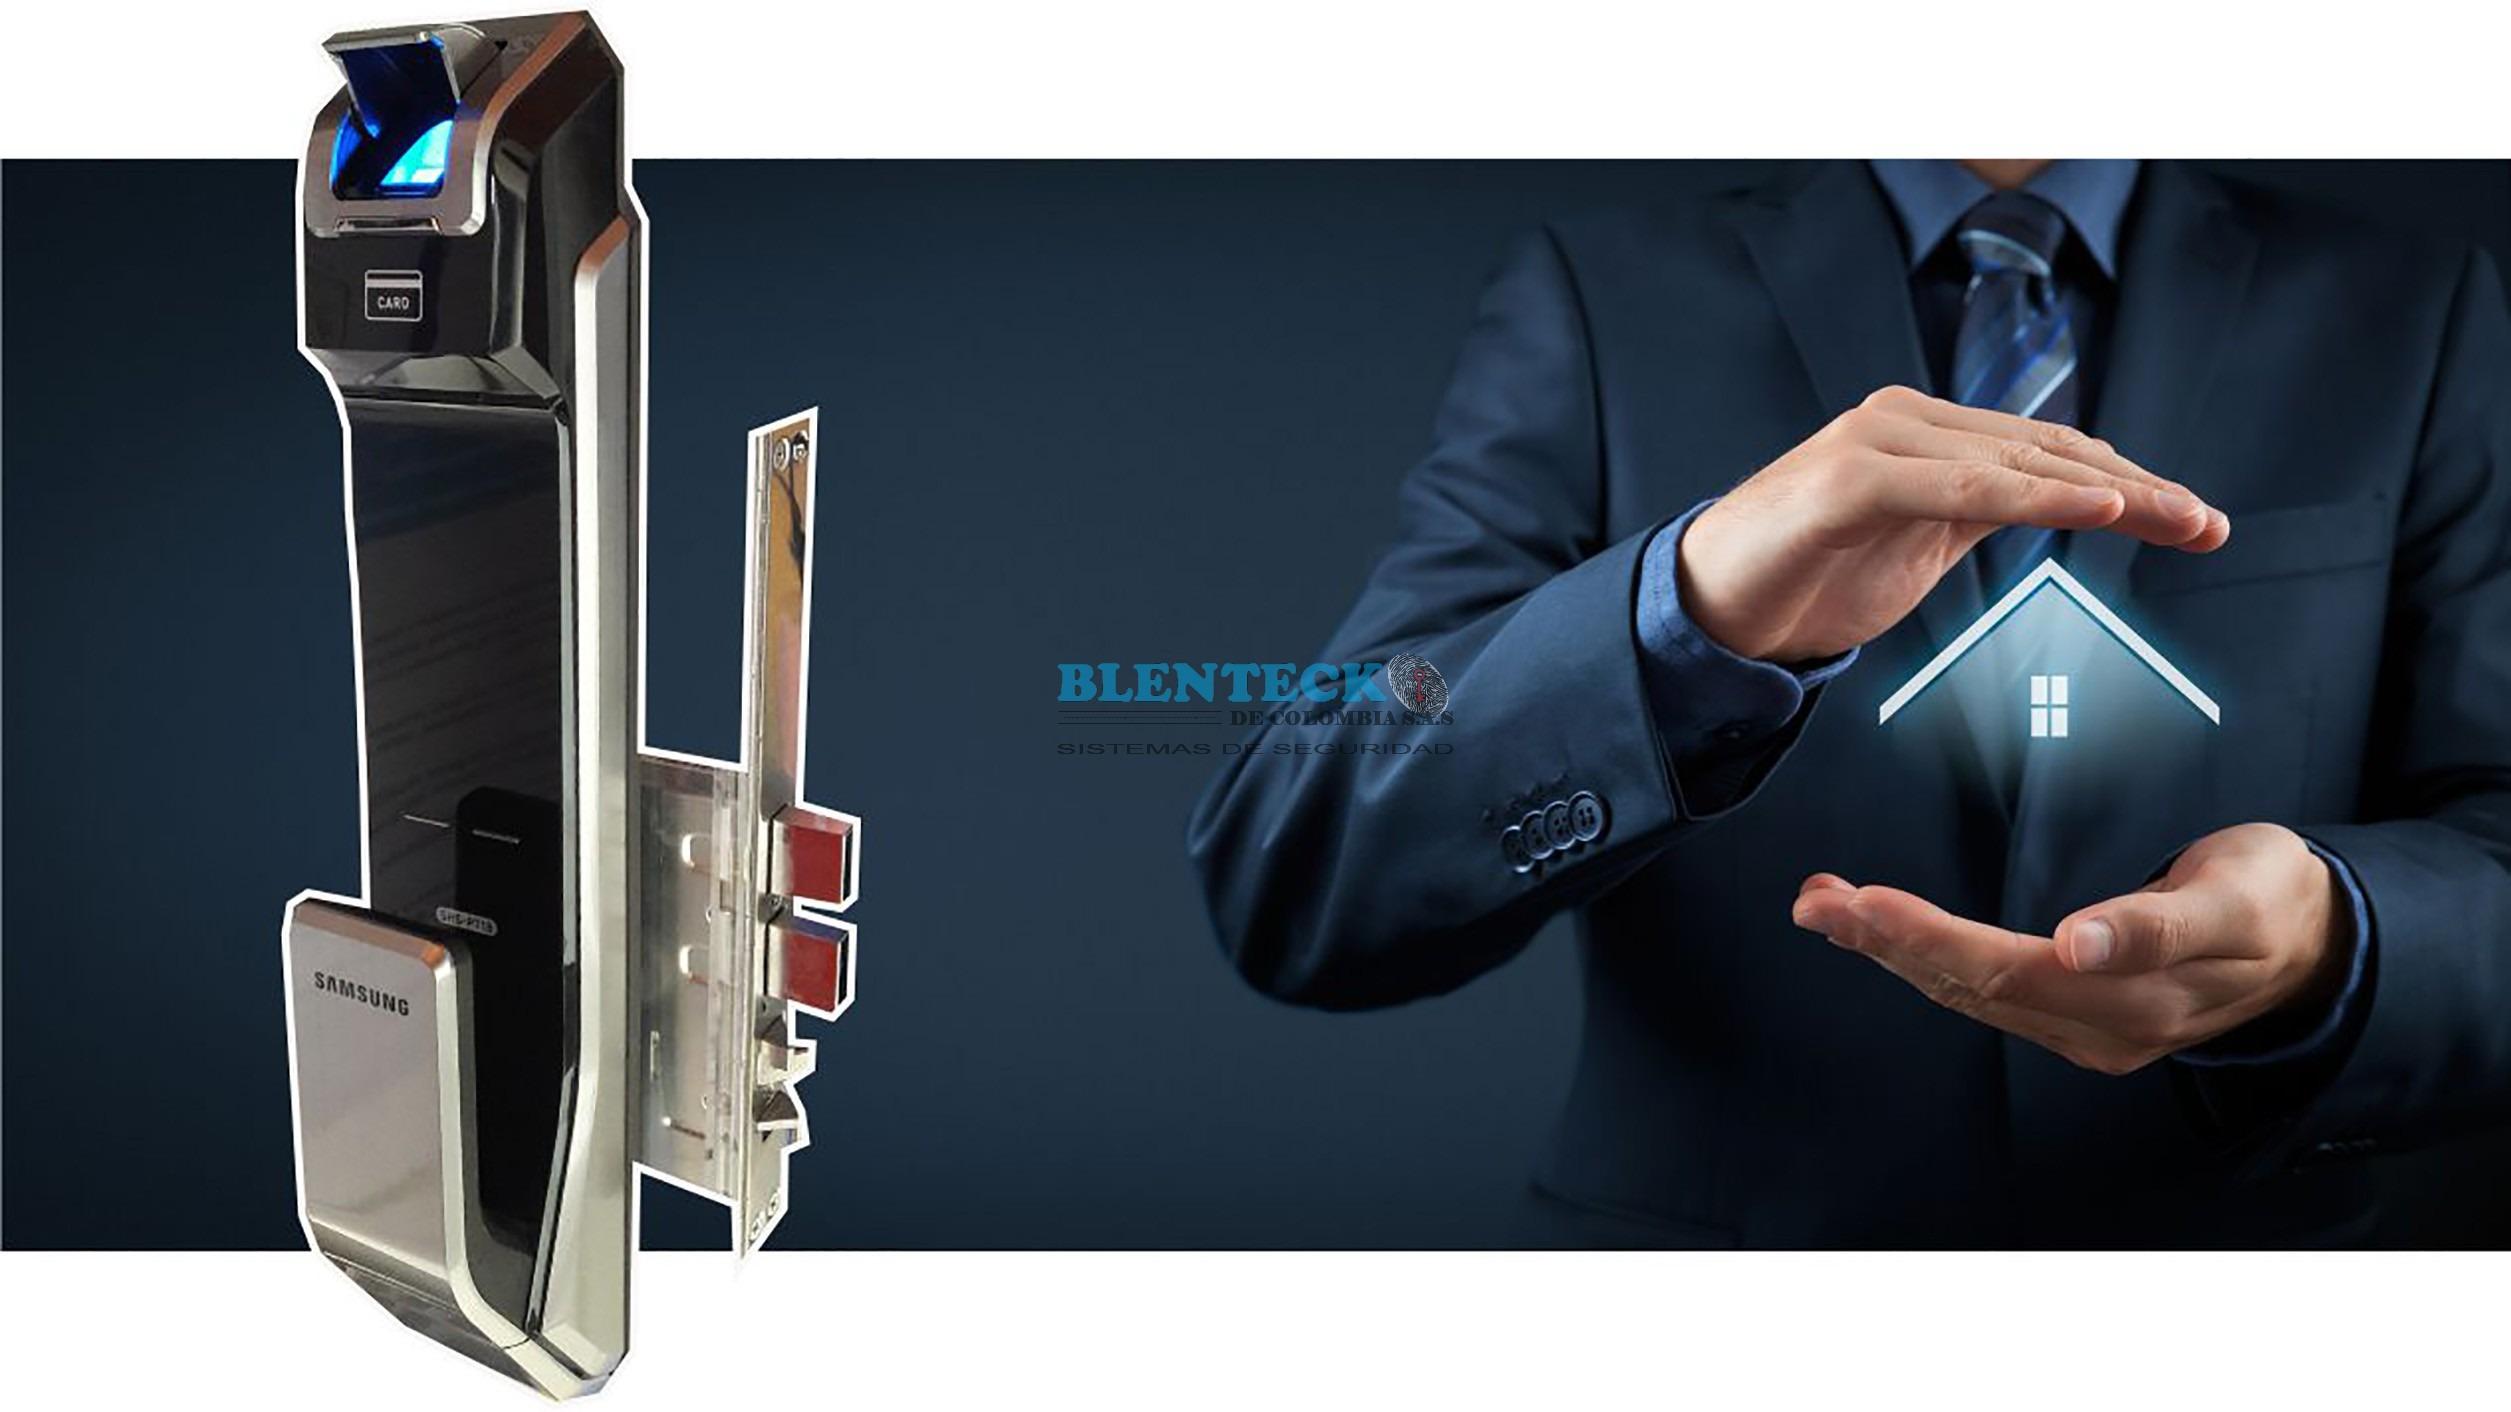 cerraduras biometricas